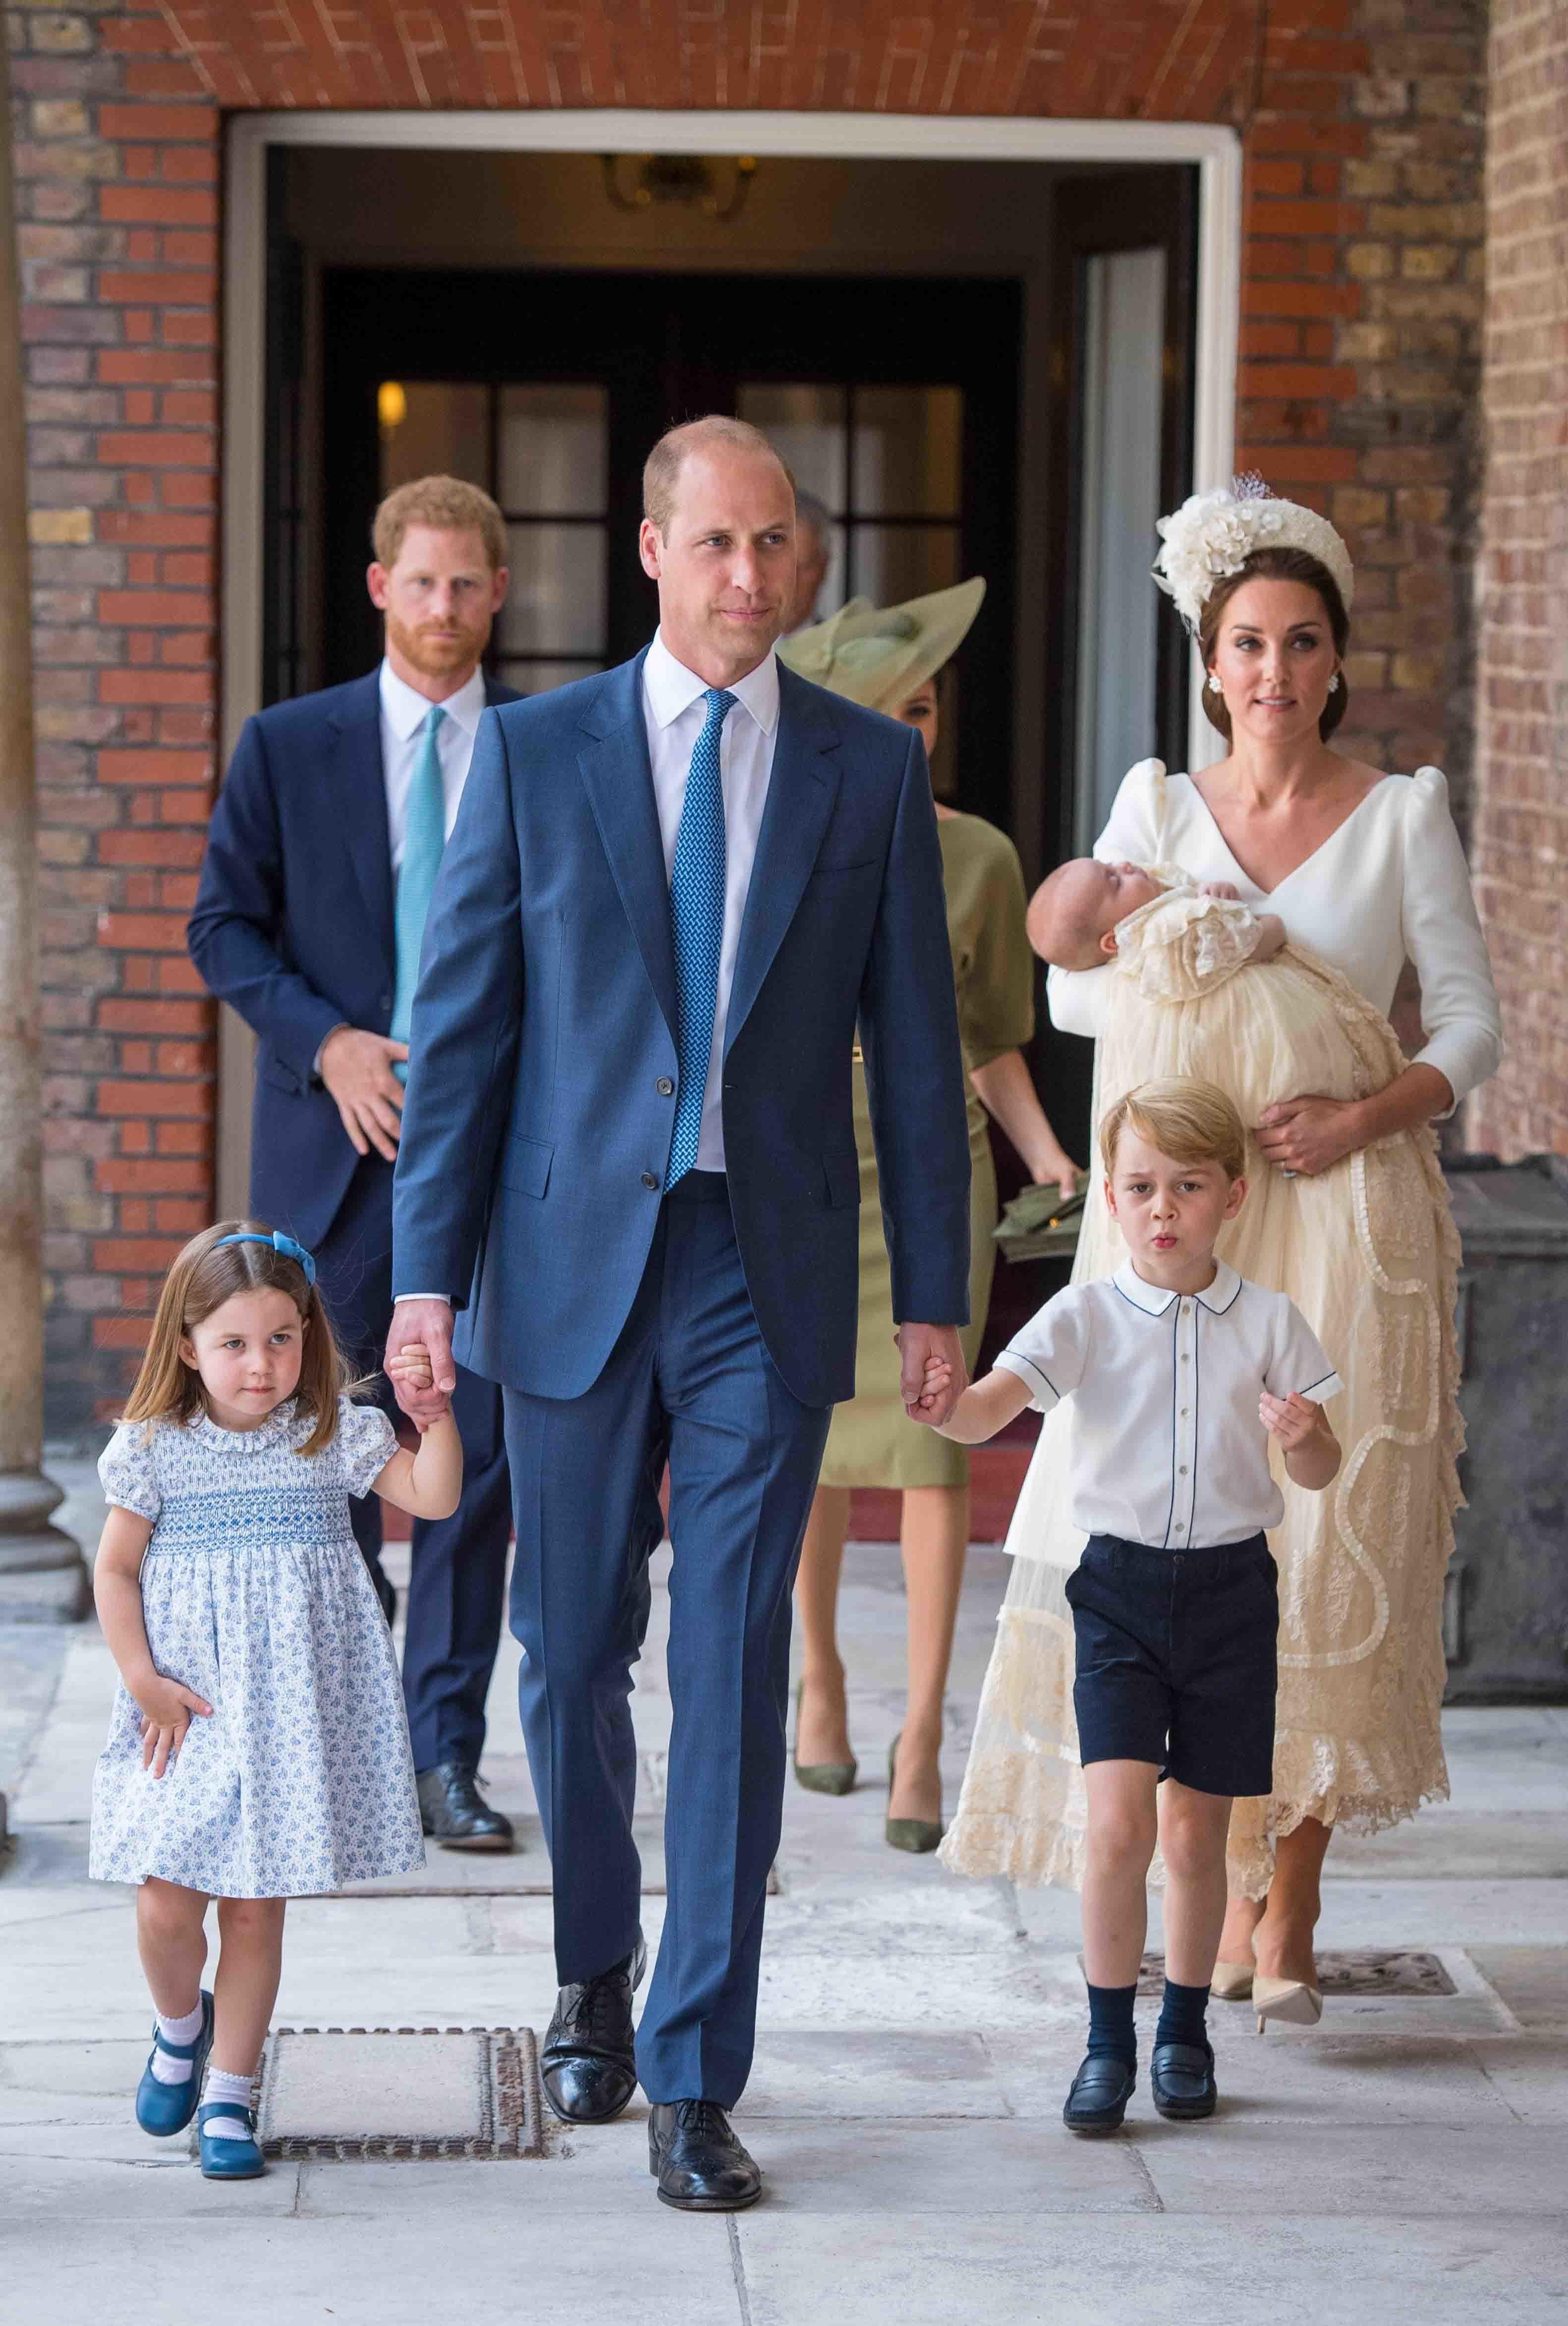 Prinz George: William und Kate werden für ihre Erziehung kritisiert – wegen eines